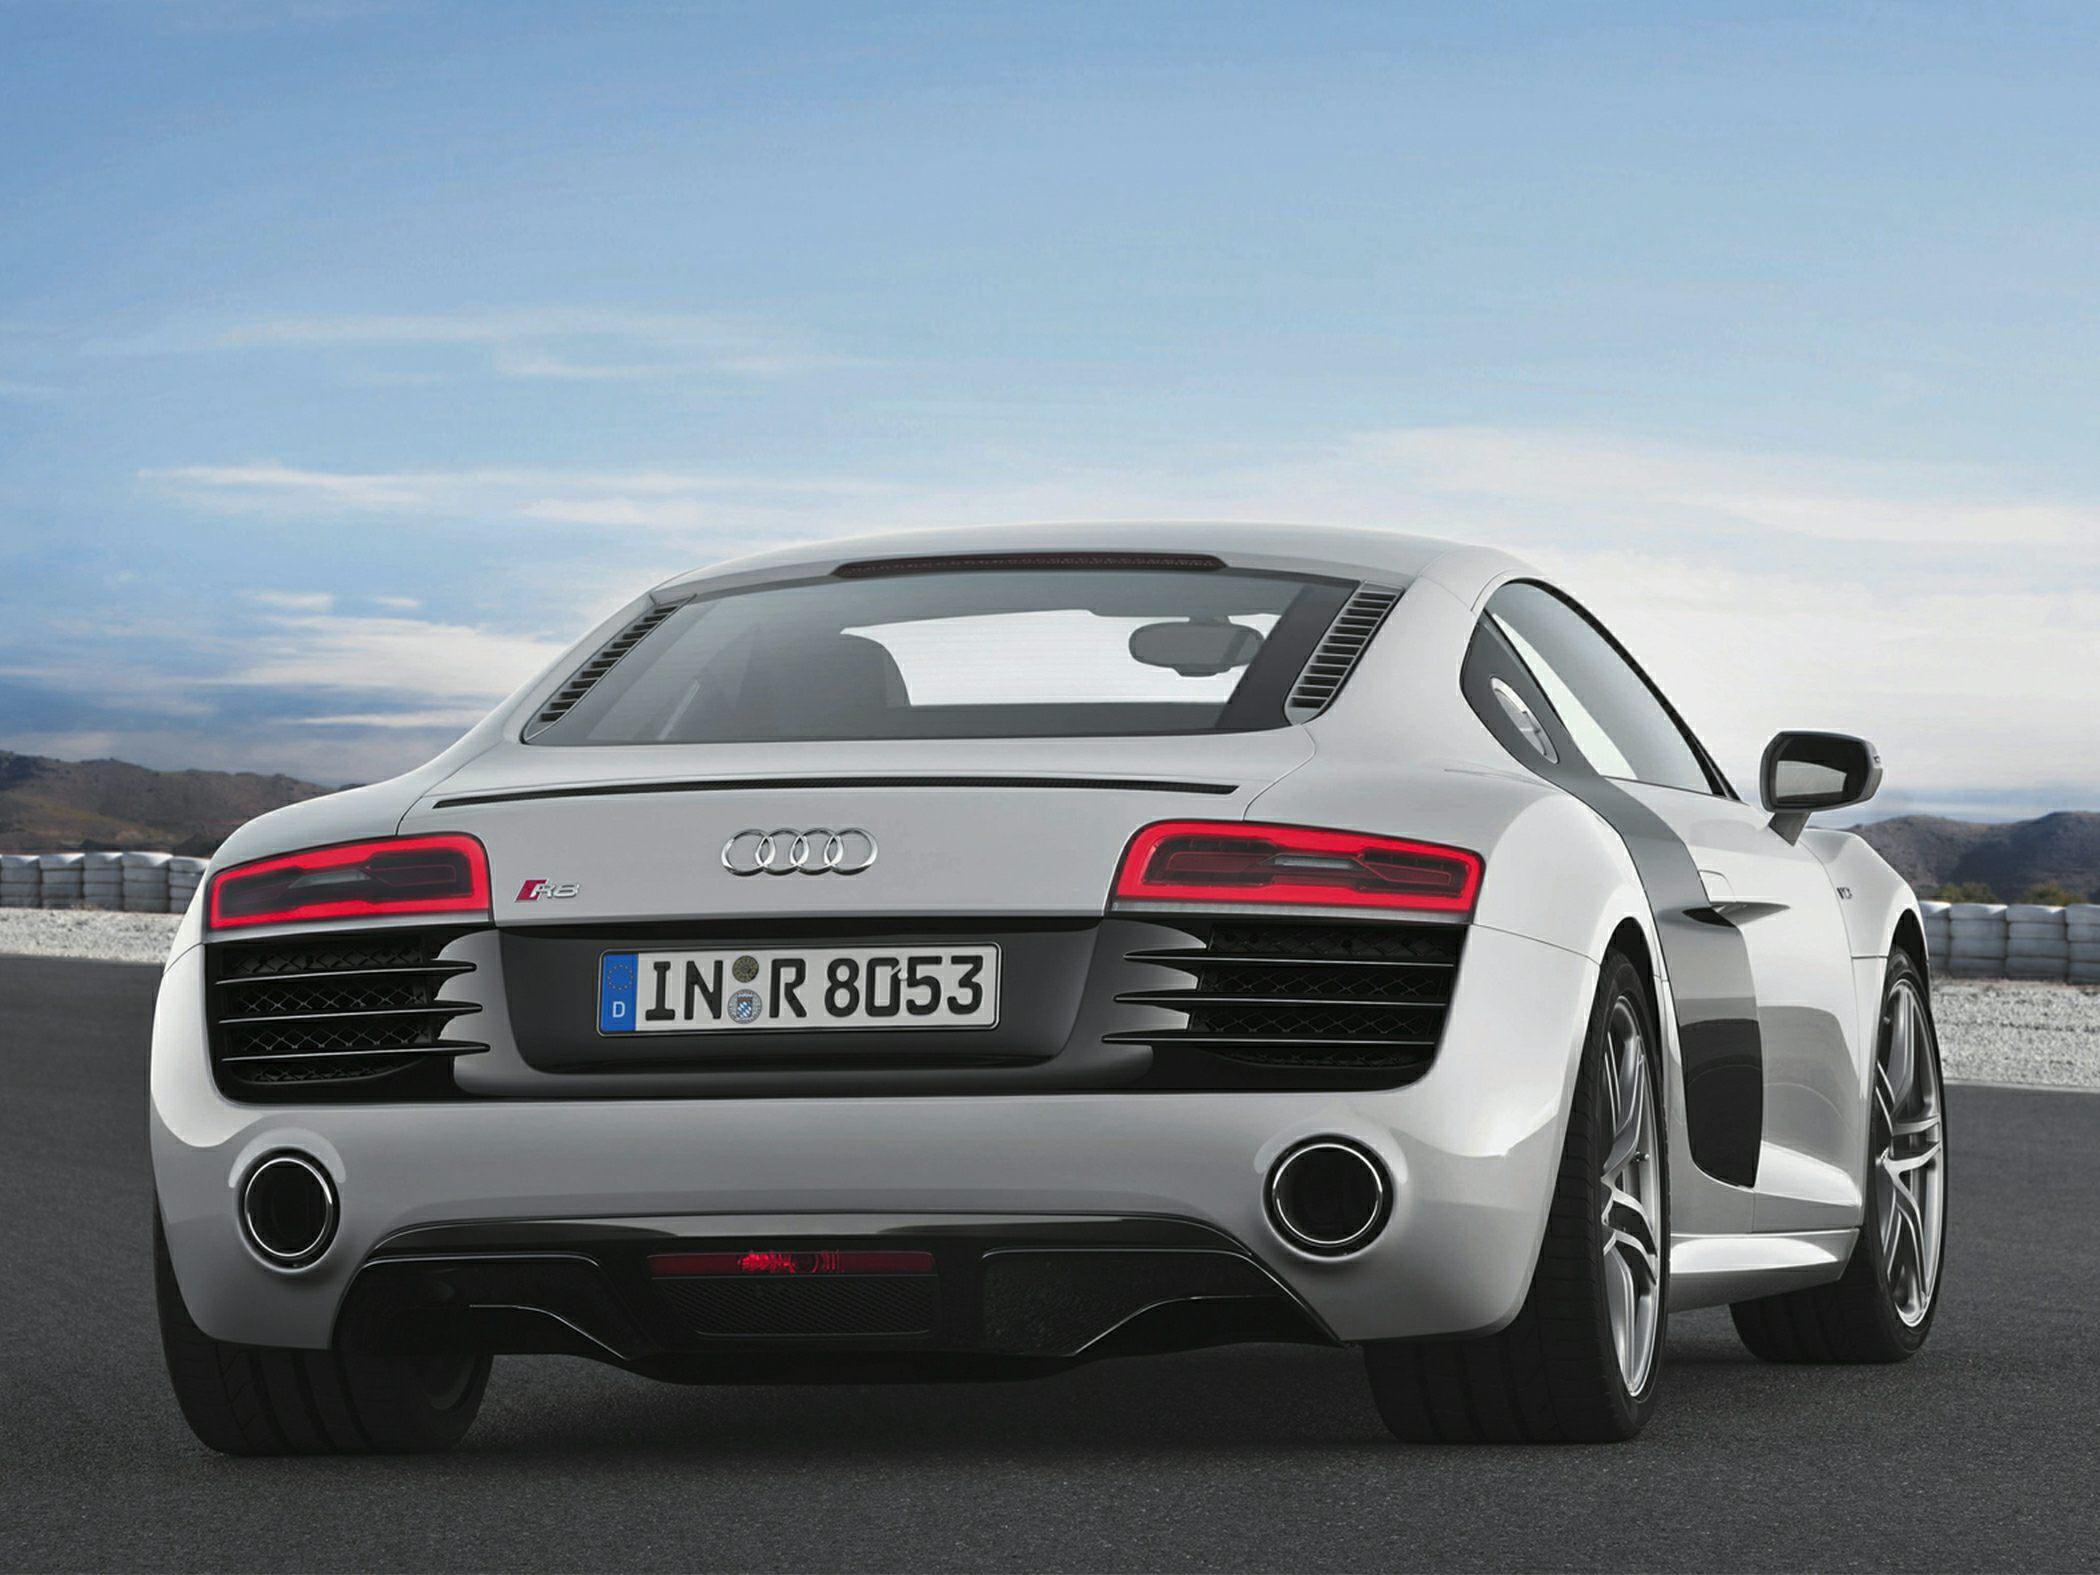 2014 Audi R8 Glam2